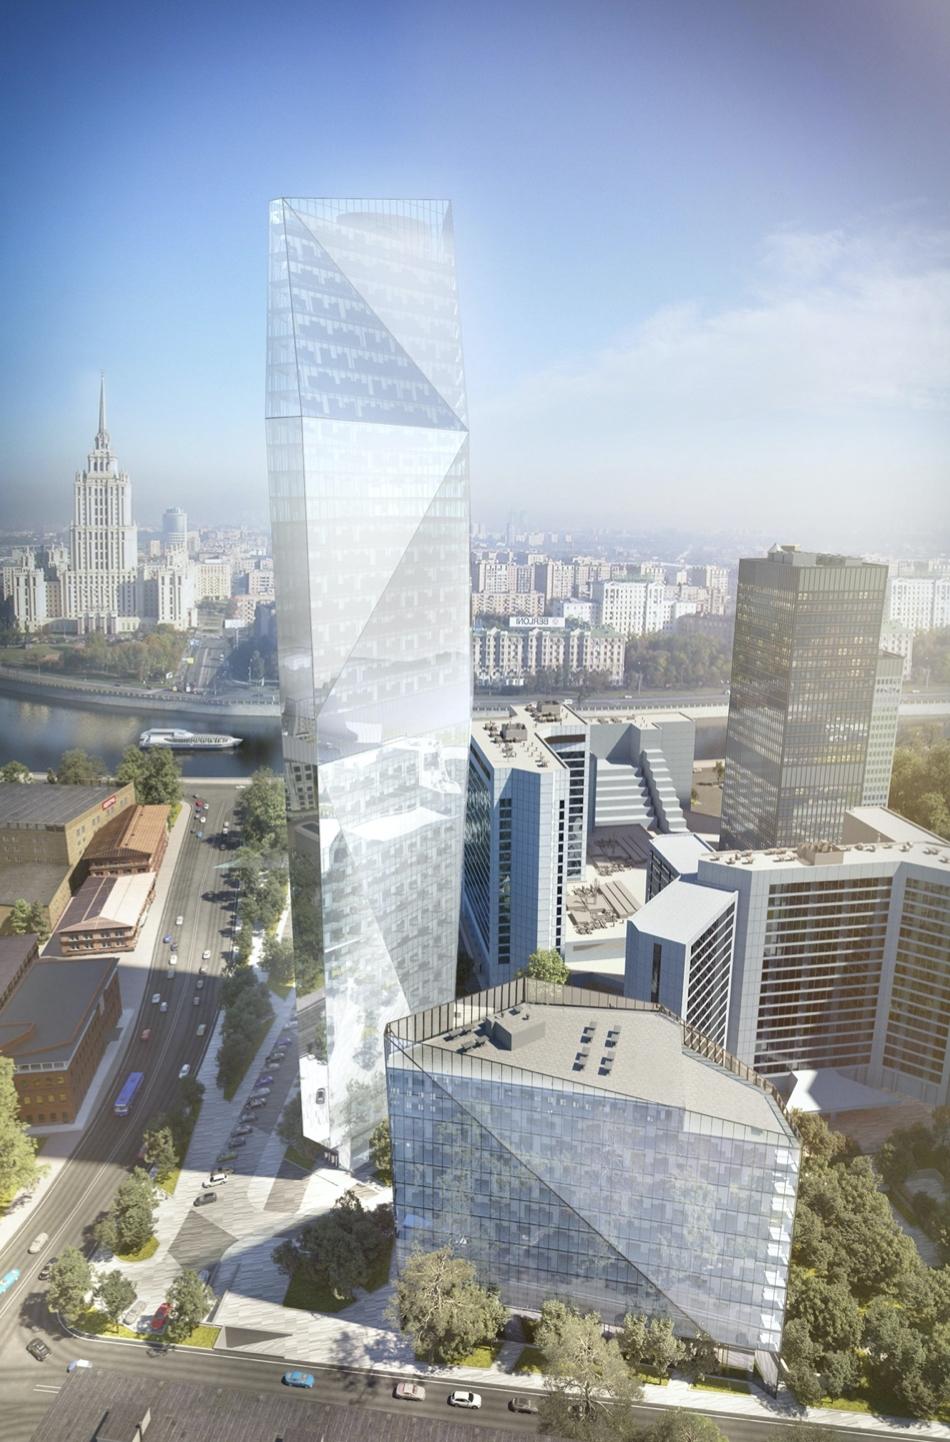 В составе Центра международной торговли построят 200-метровую башню